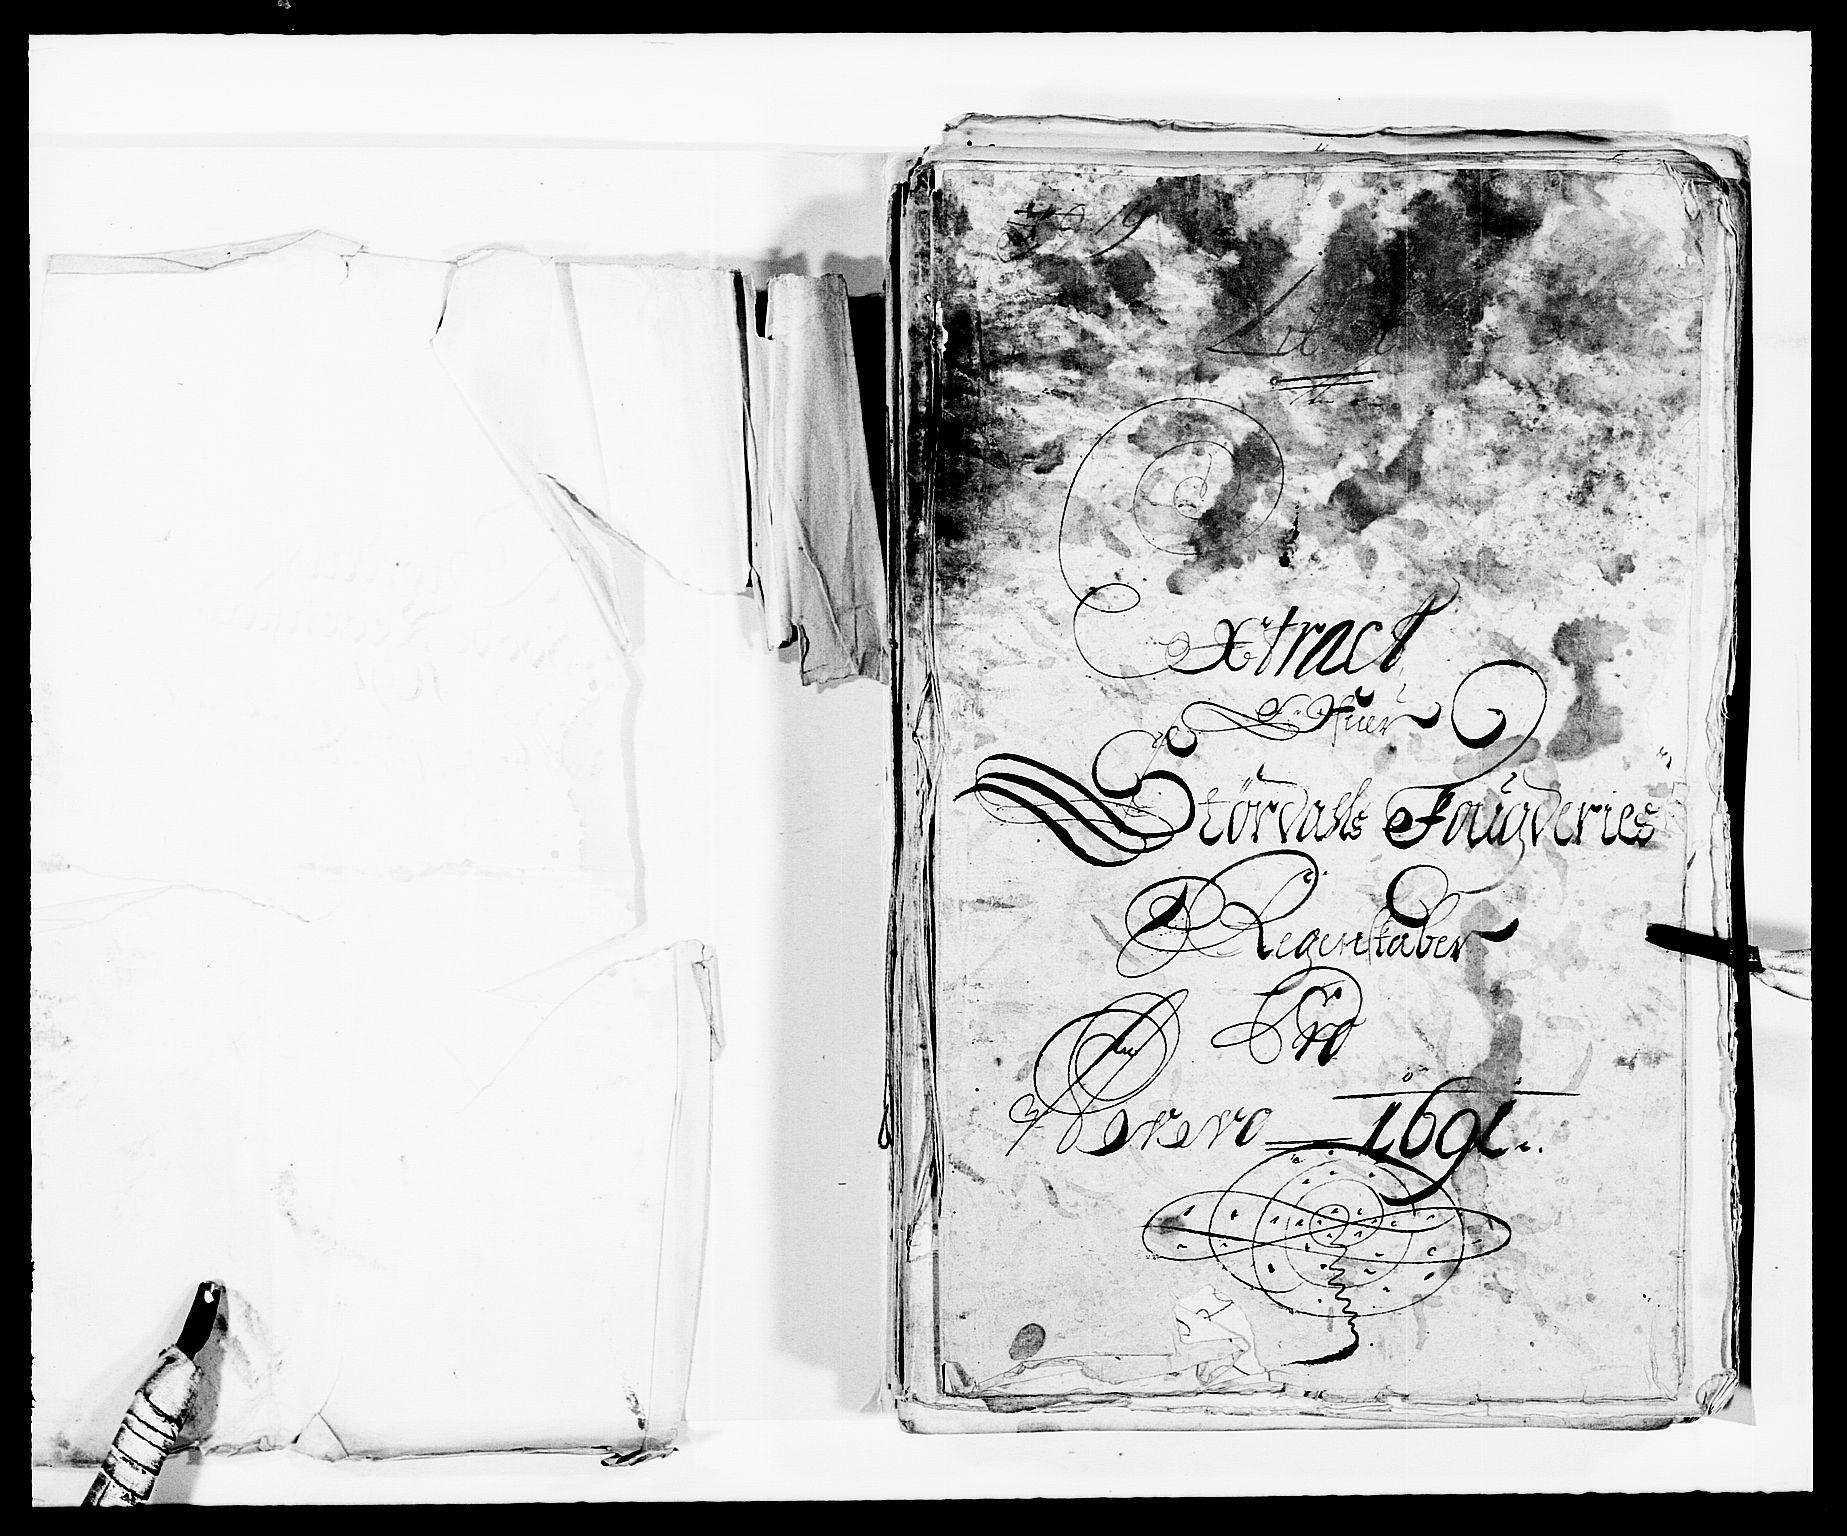 RA, Rentekammeret inntil 1814, Reviderte regnskaper, Fogderegnskap, R62/L4184: Fogderegnskap Stjørdal og Verdal, 1690-1691, s. 233